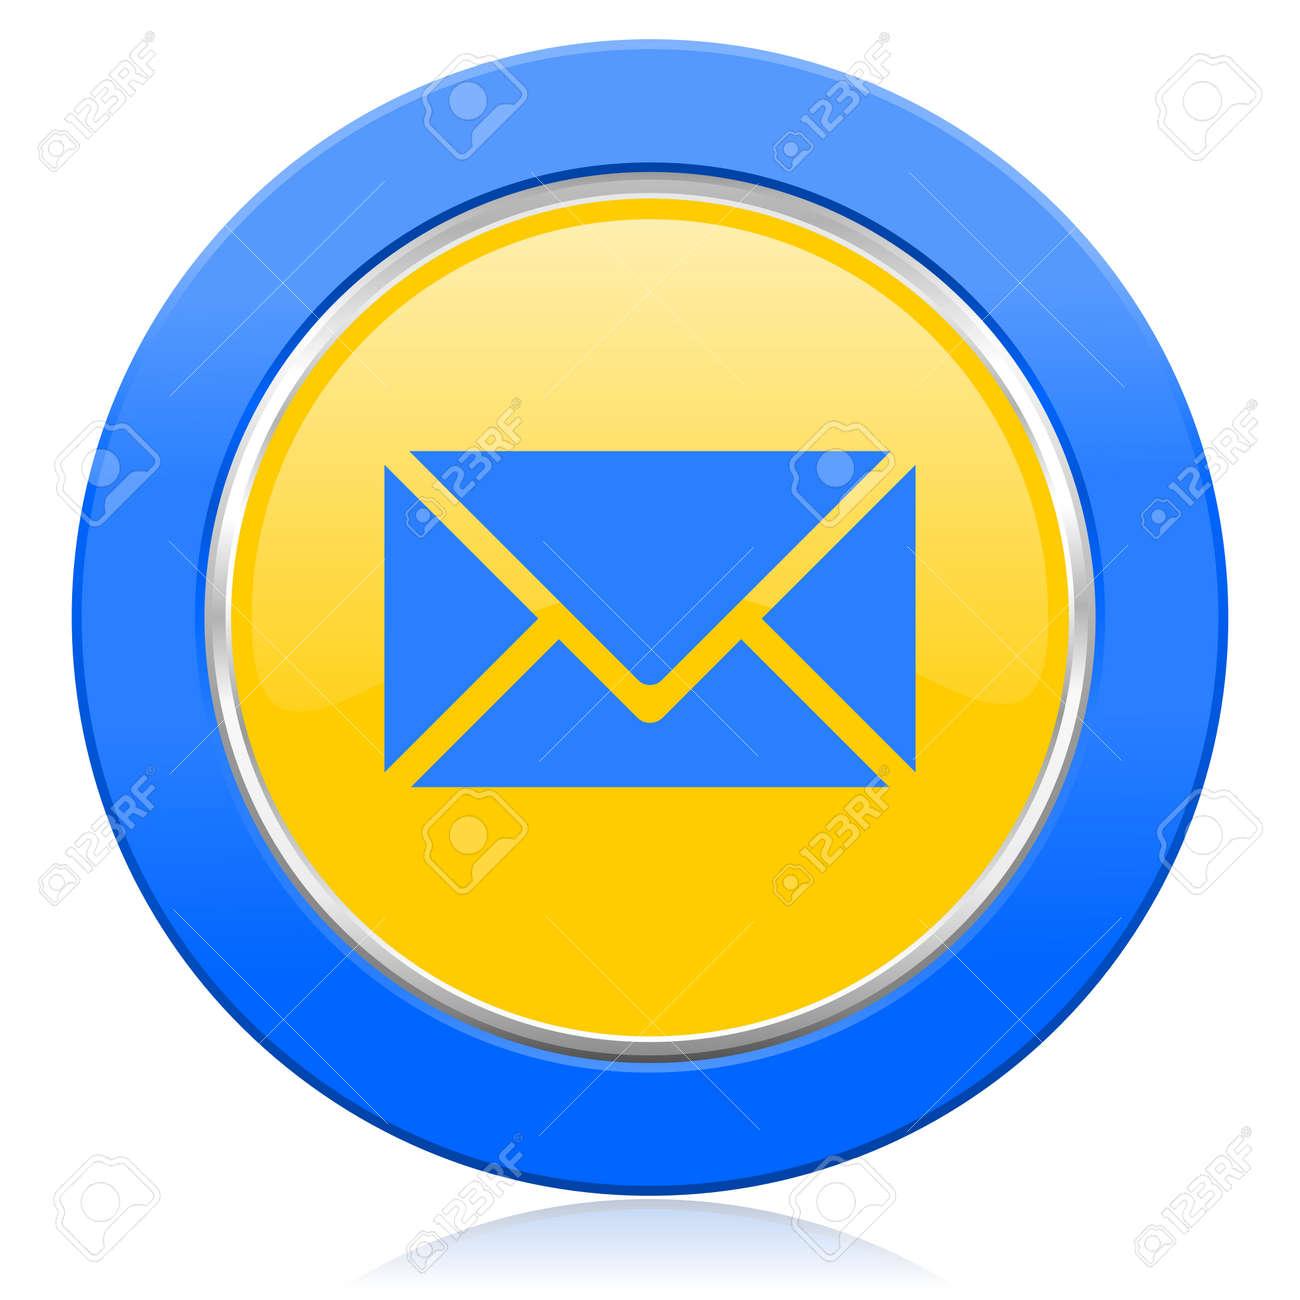 メール青黄色のアイコン郵便記号...